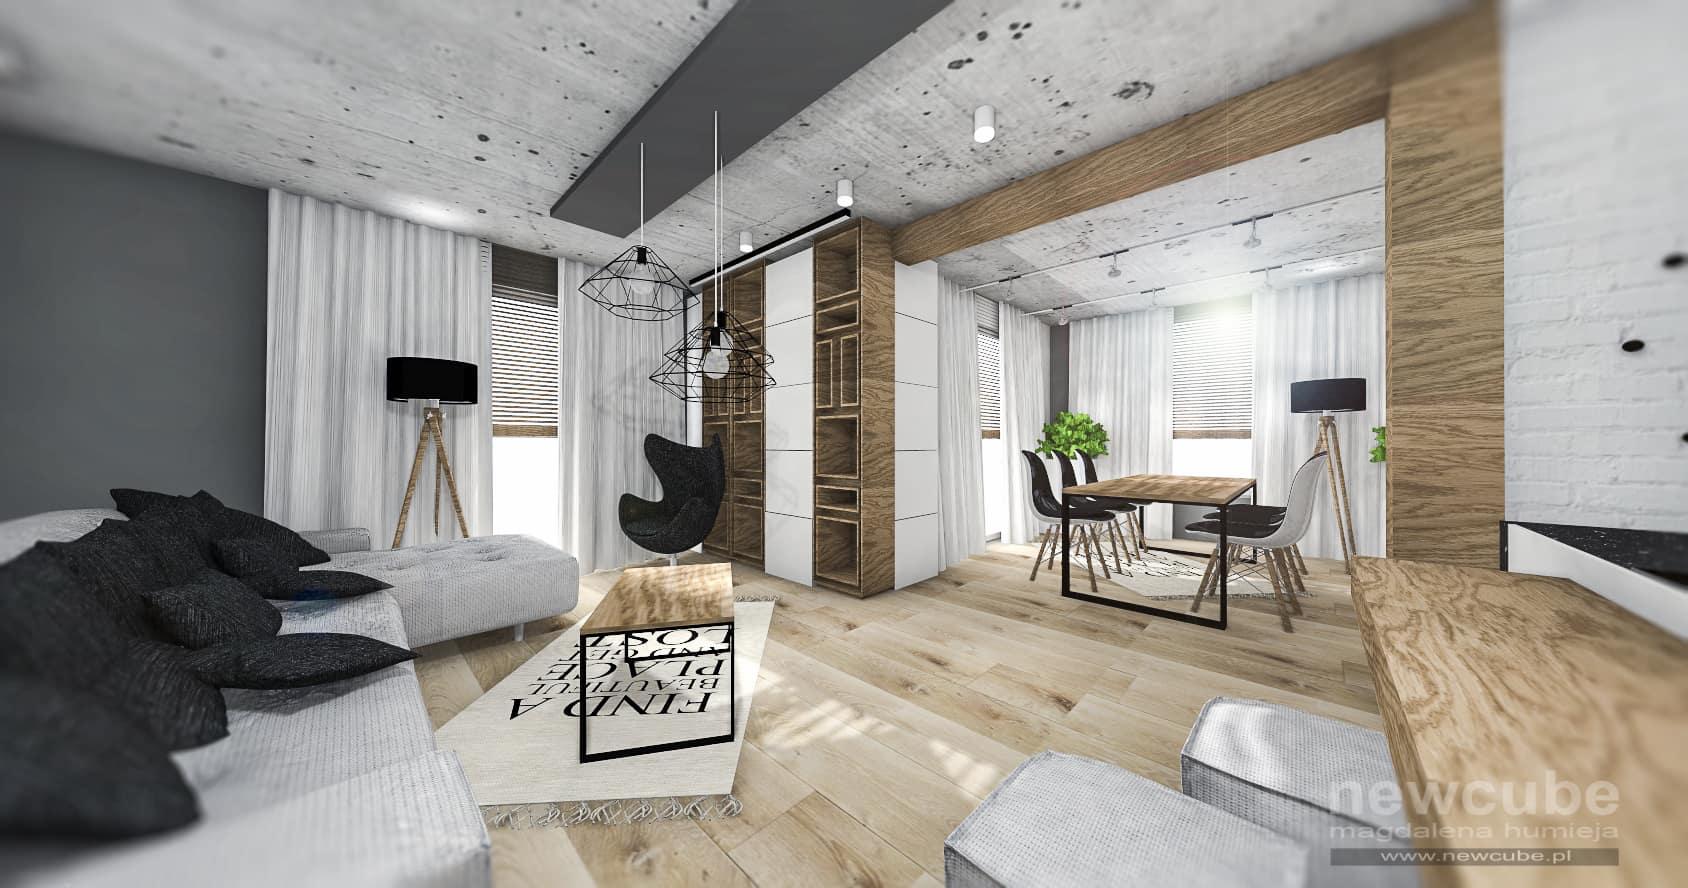 aranzacja-wnetrz-projekt-architekt-new-cube-6-20170605